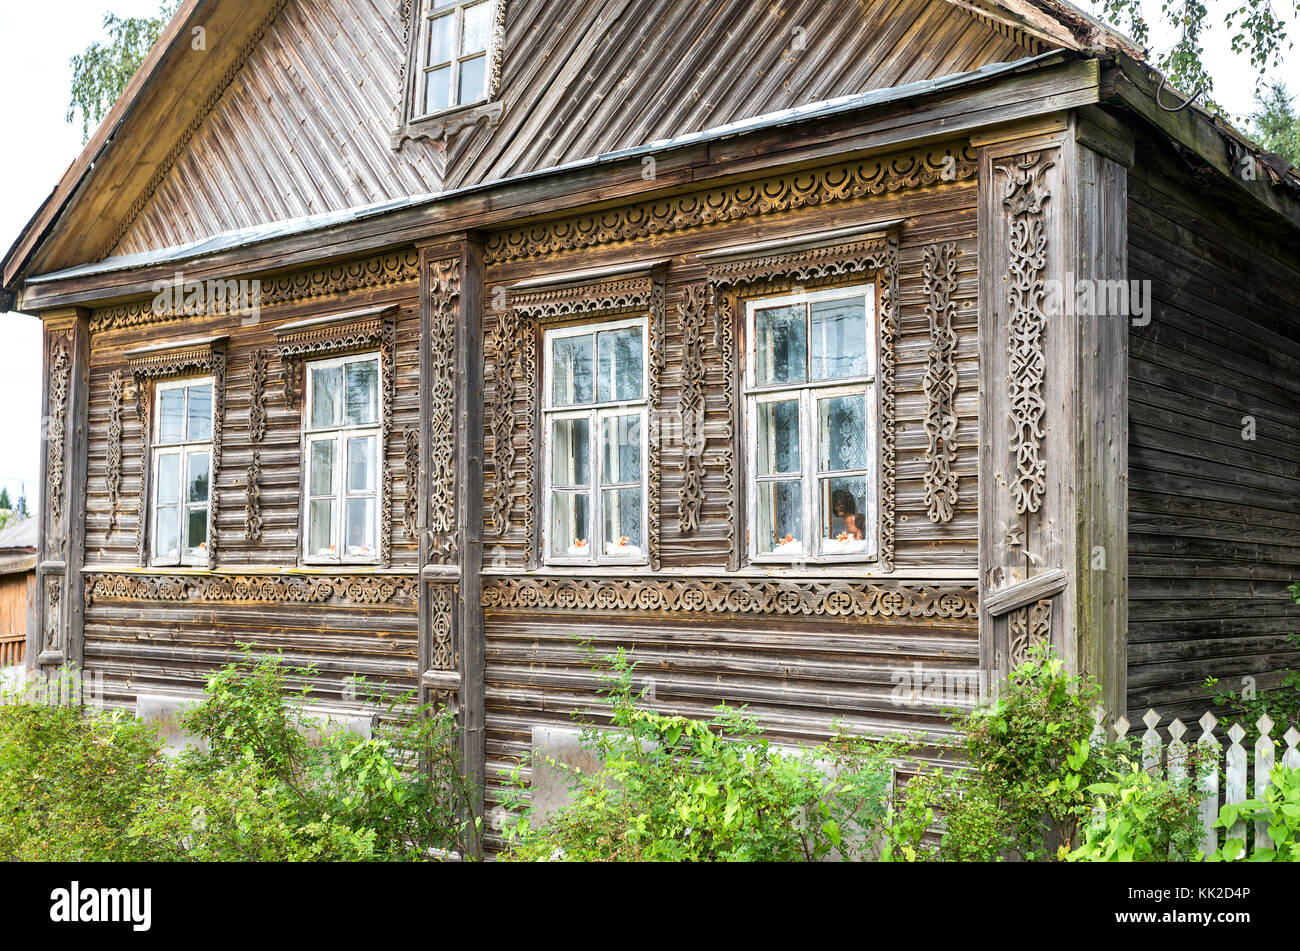 Rivestimento Casa In Legno tradizionale russo vecchia casa in legno intagliato con